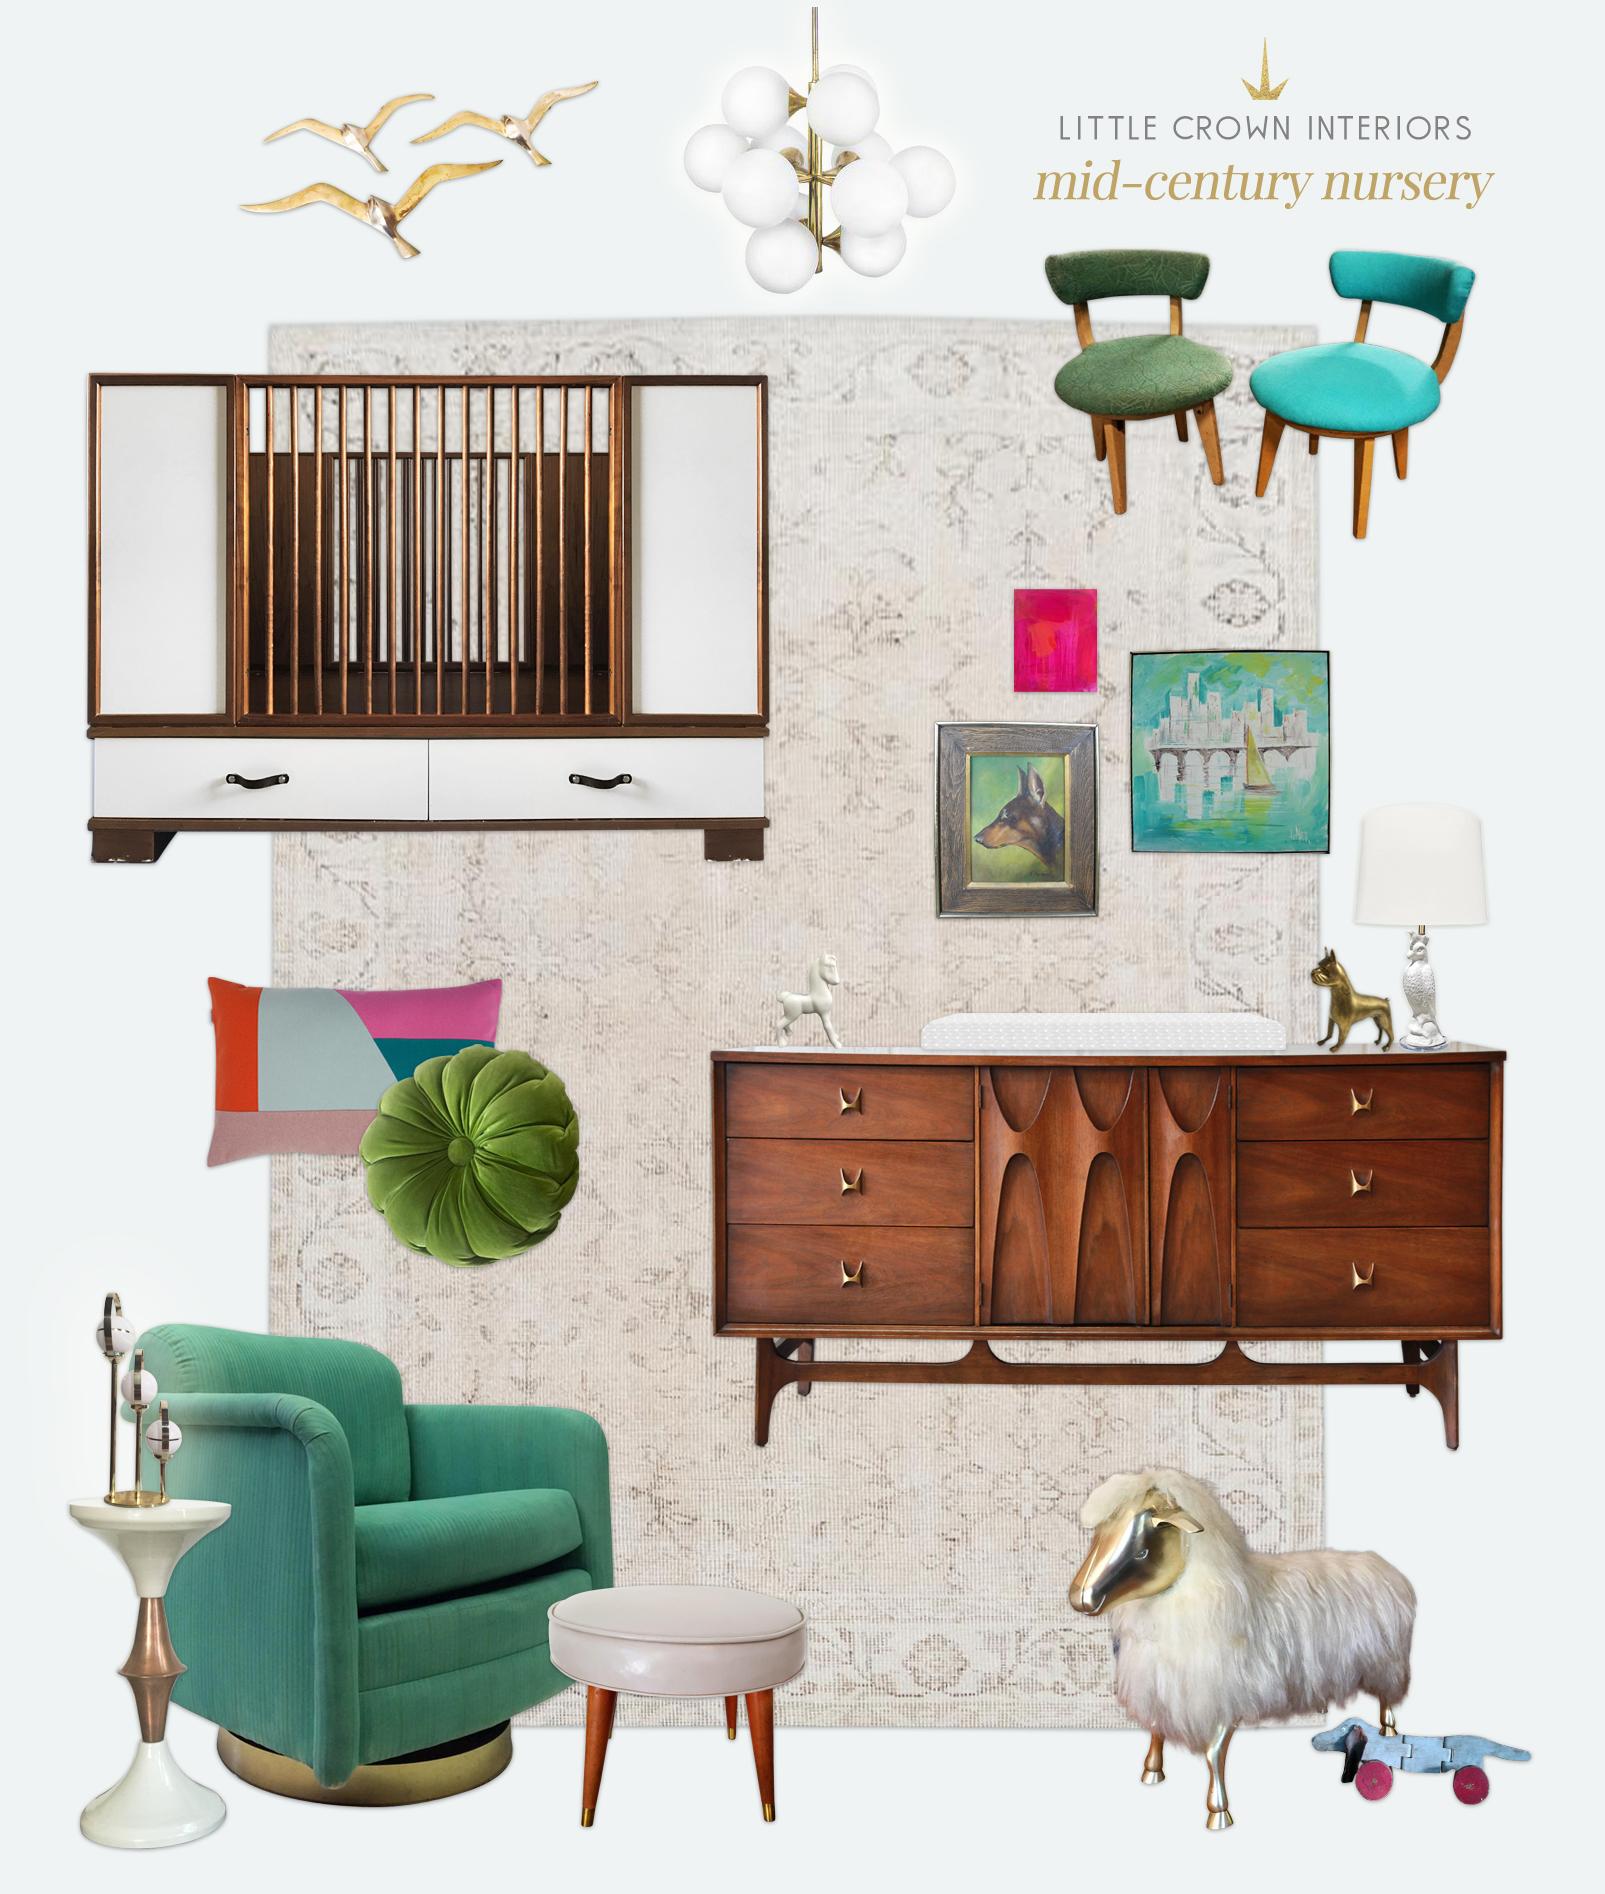 Mid Century Modern Nursery | Little Crown Interiors